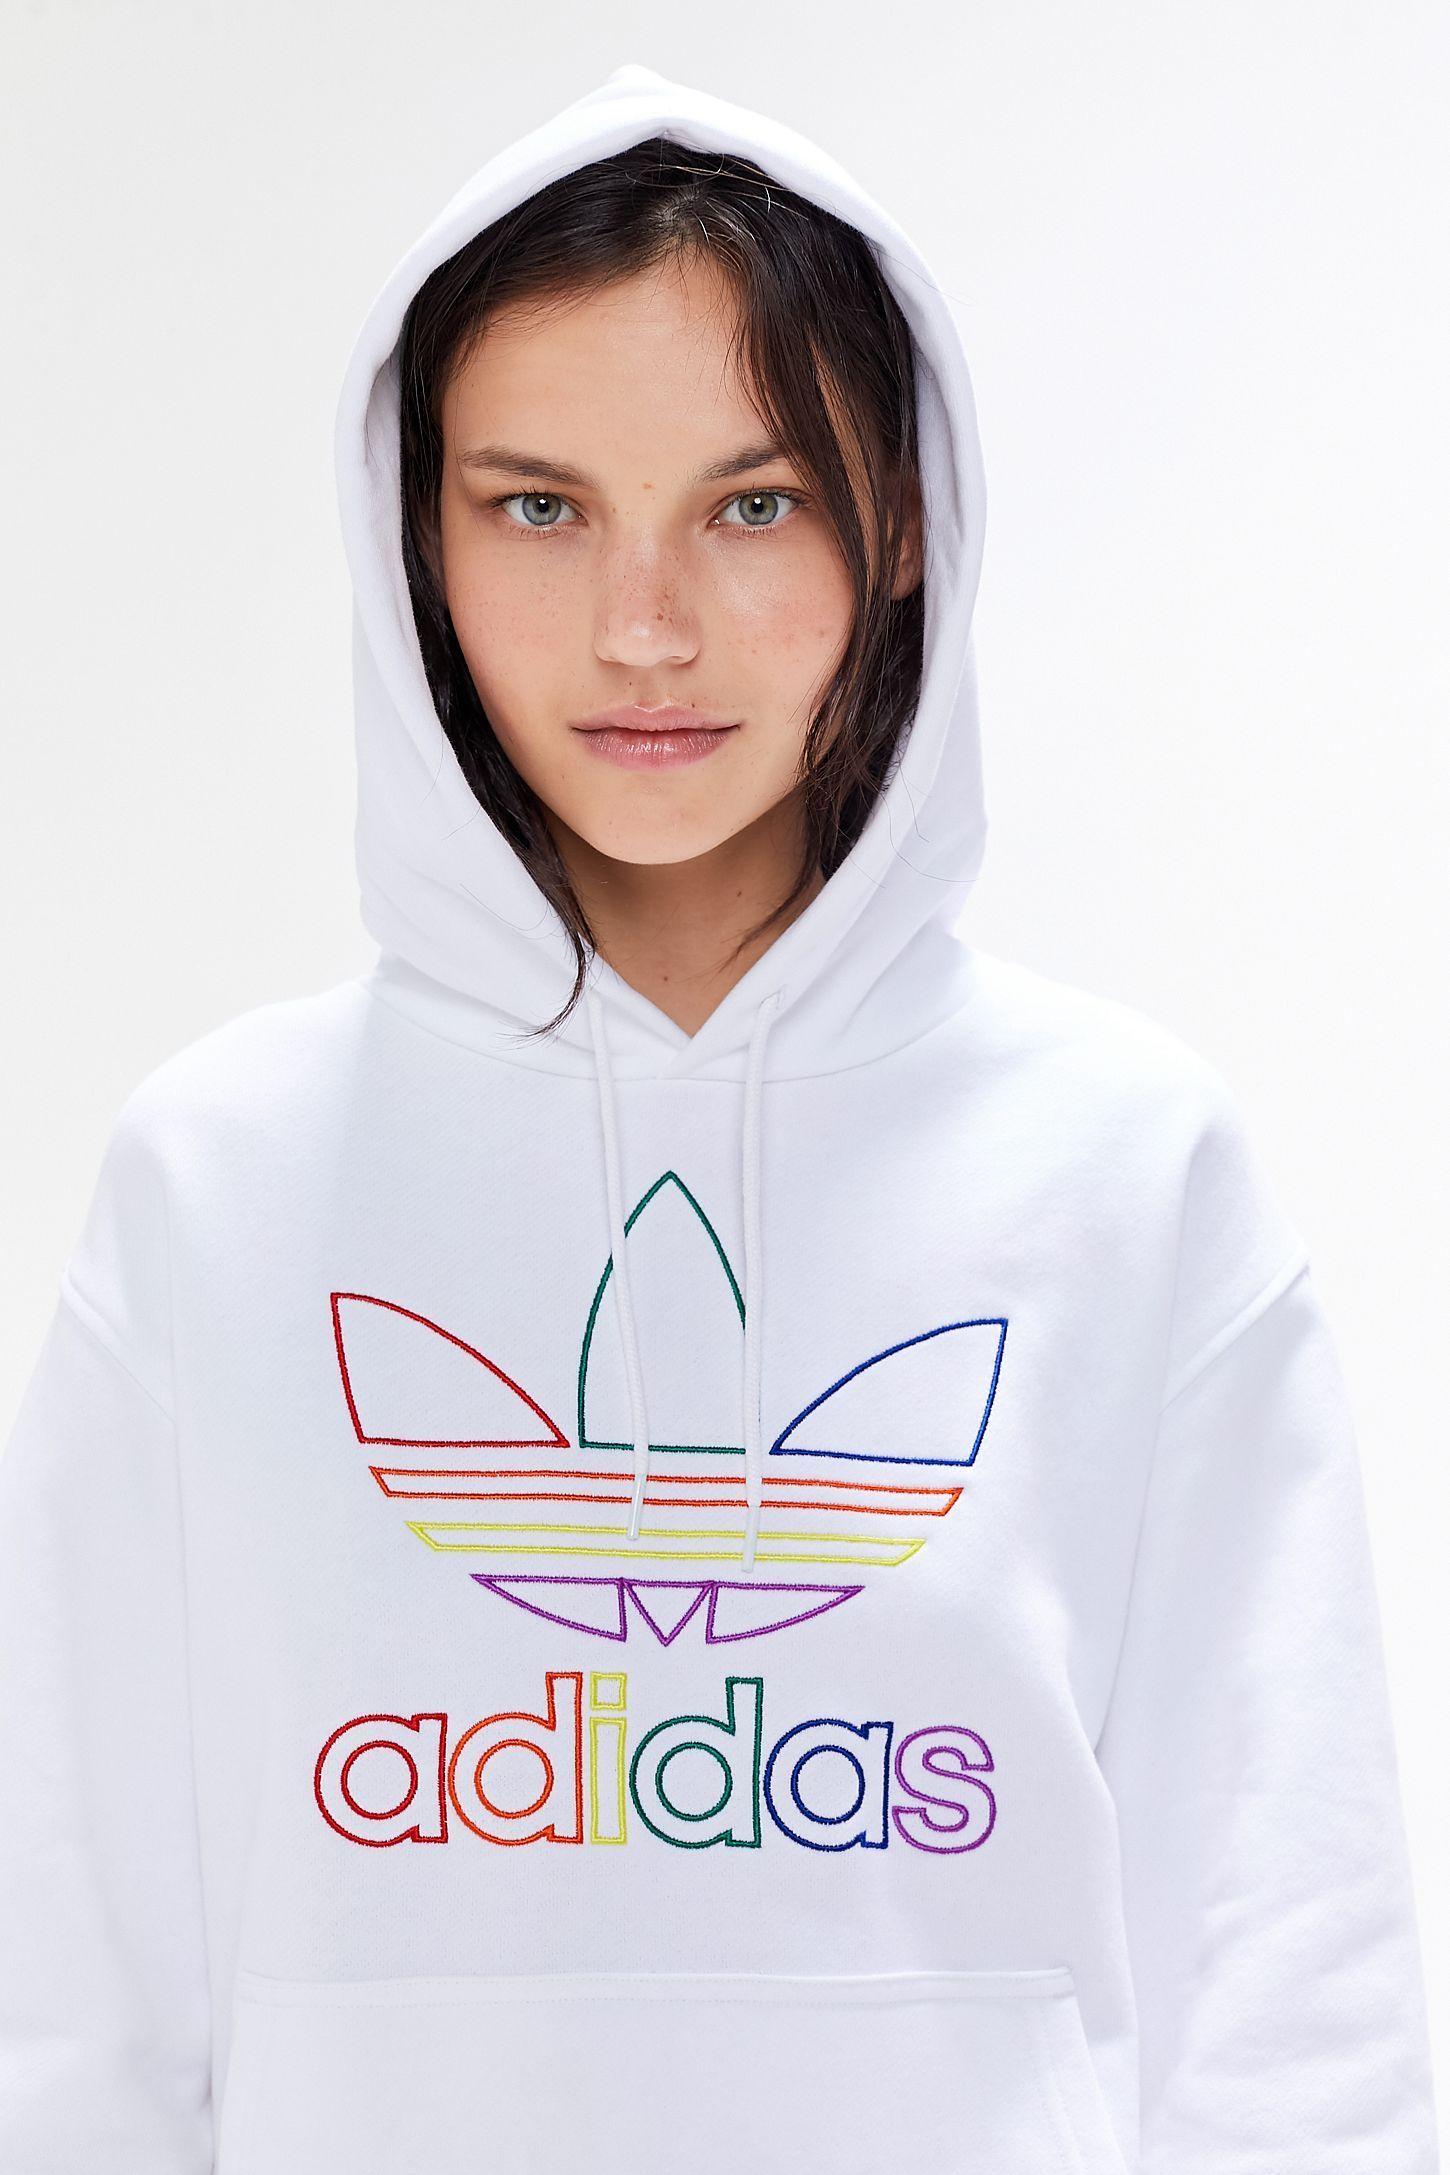 Adidas Pleasure Rainbow Trefoil Hoodie Sweatshirt Adidas Sweatshirt Outfits Sweatshirts Hoodie Adidas Hoodie Outfit [ 2175 x 1450 Pixel ]